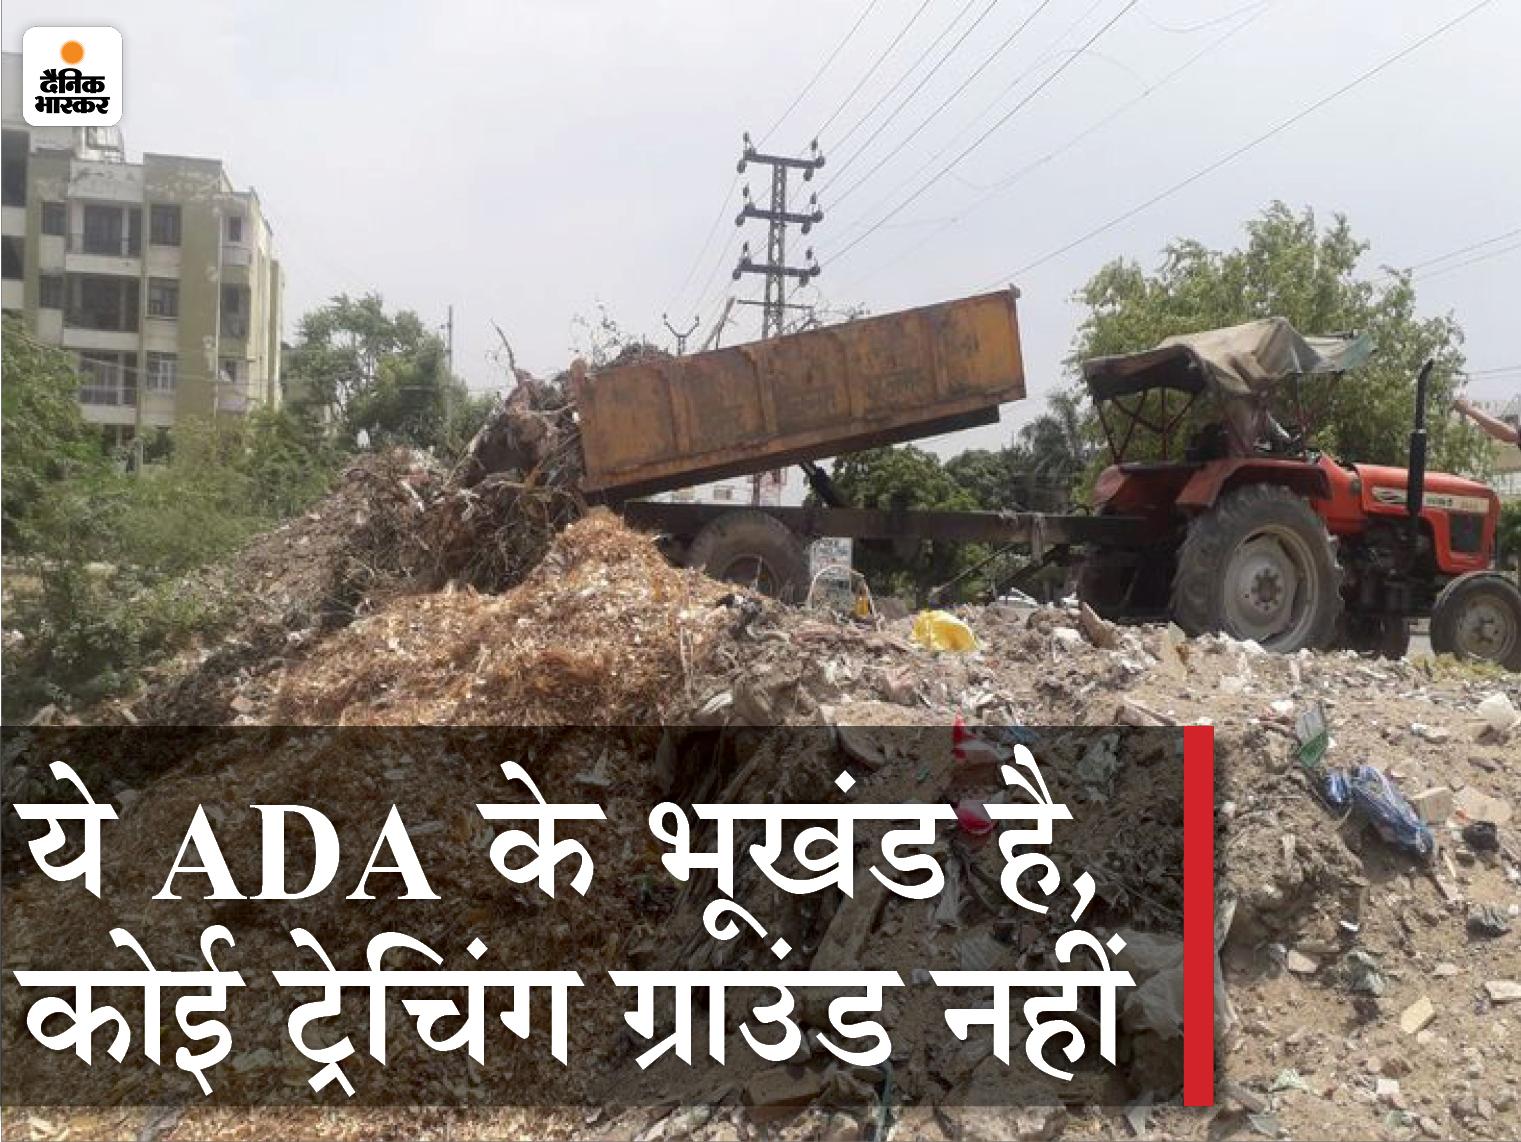 ADA भूखंडों में भर रहा नगर निगम कचरा; करीब 15 KM दूर ट्रेचिंग ग्राउंड, डीजल बचाने के लिए इधर उधर डाल रहे कचरा|अजमेर,Ajmer - Dainik Bhaskar